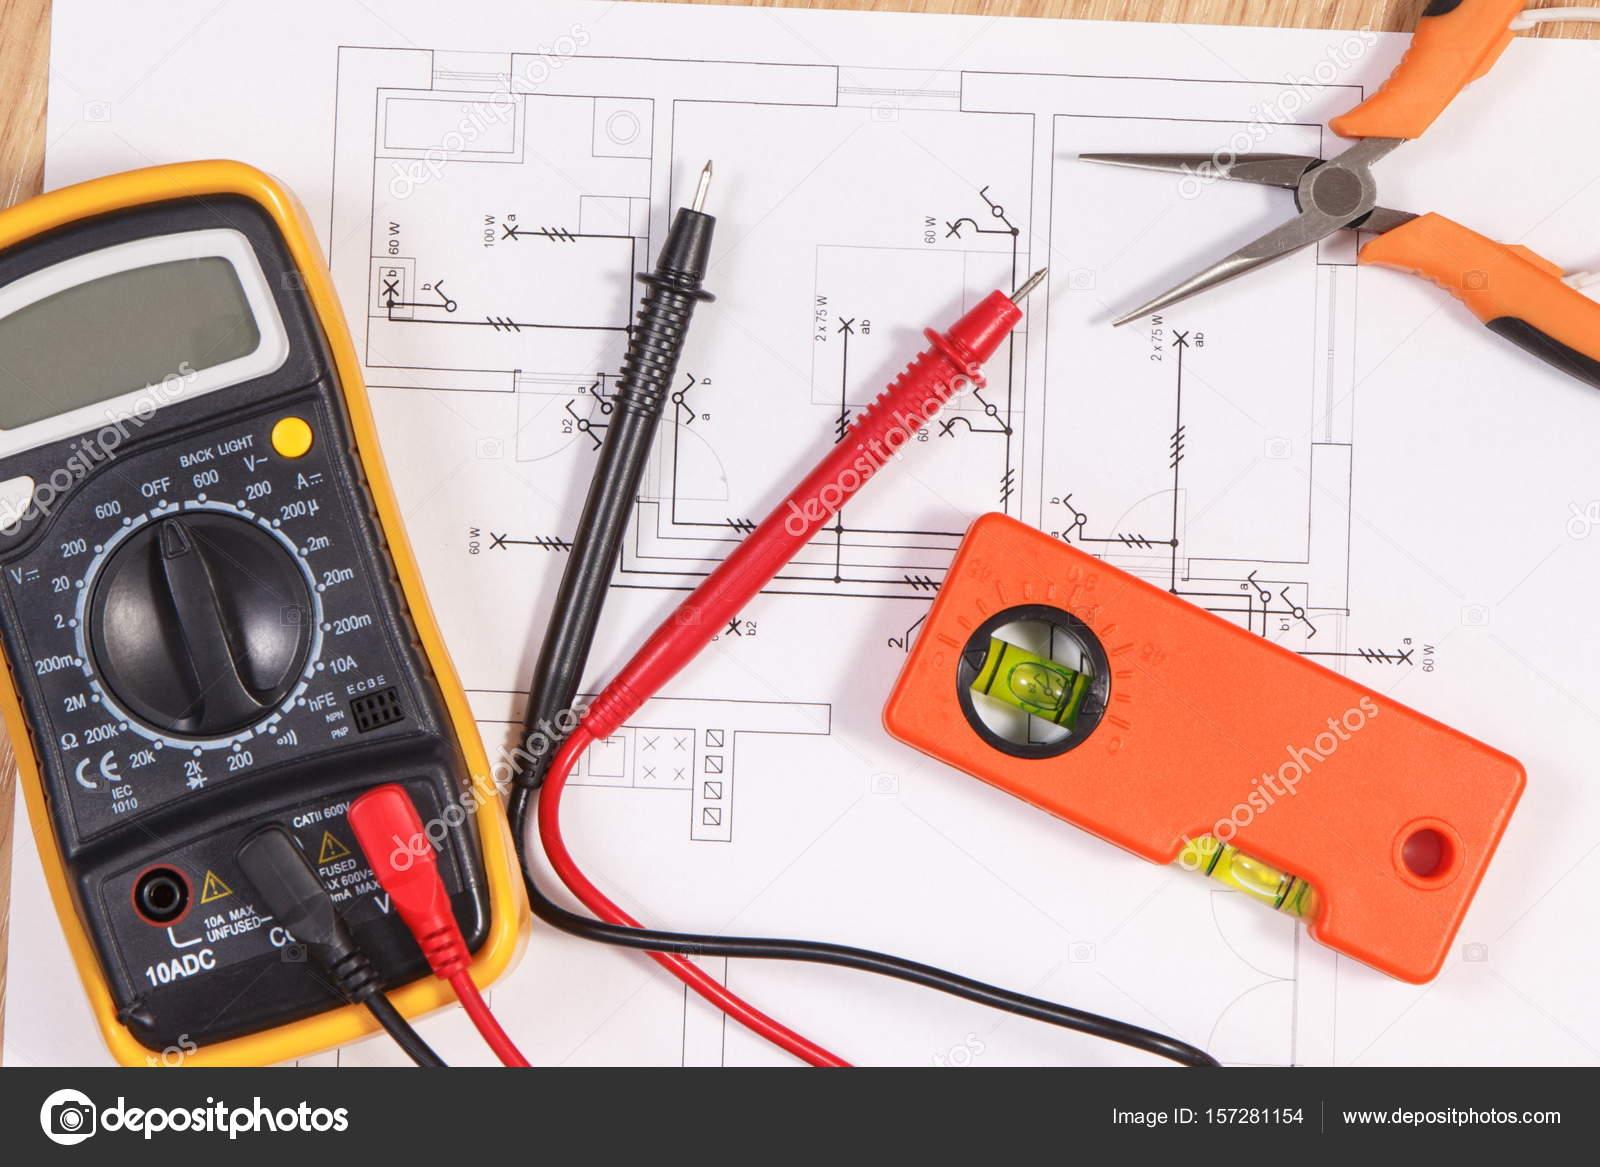 Schaltpläne, multimeter für die Messung in der Elektroinstallation ...